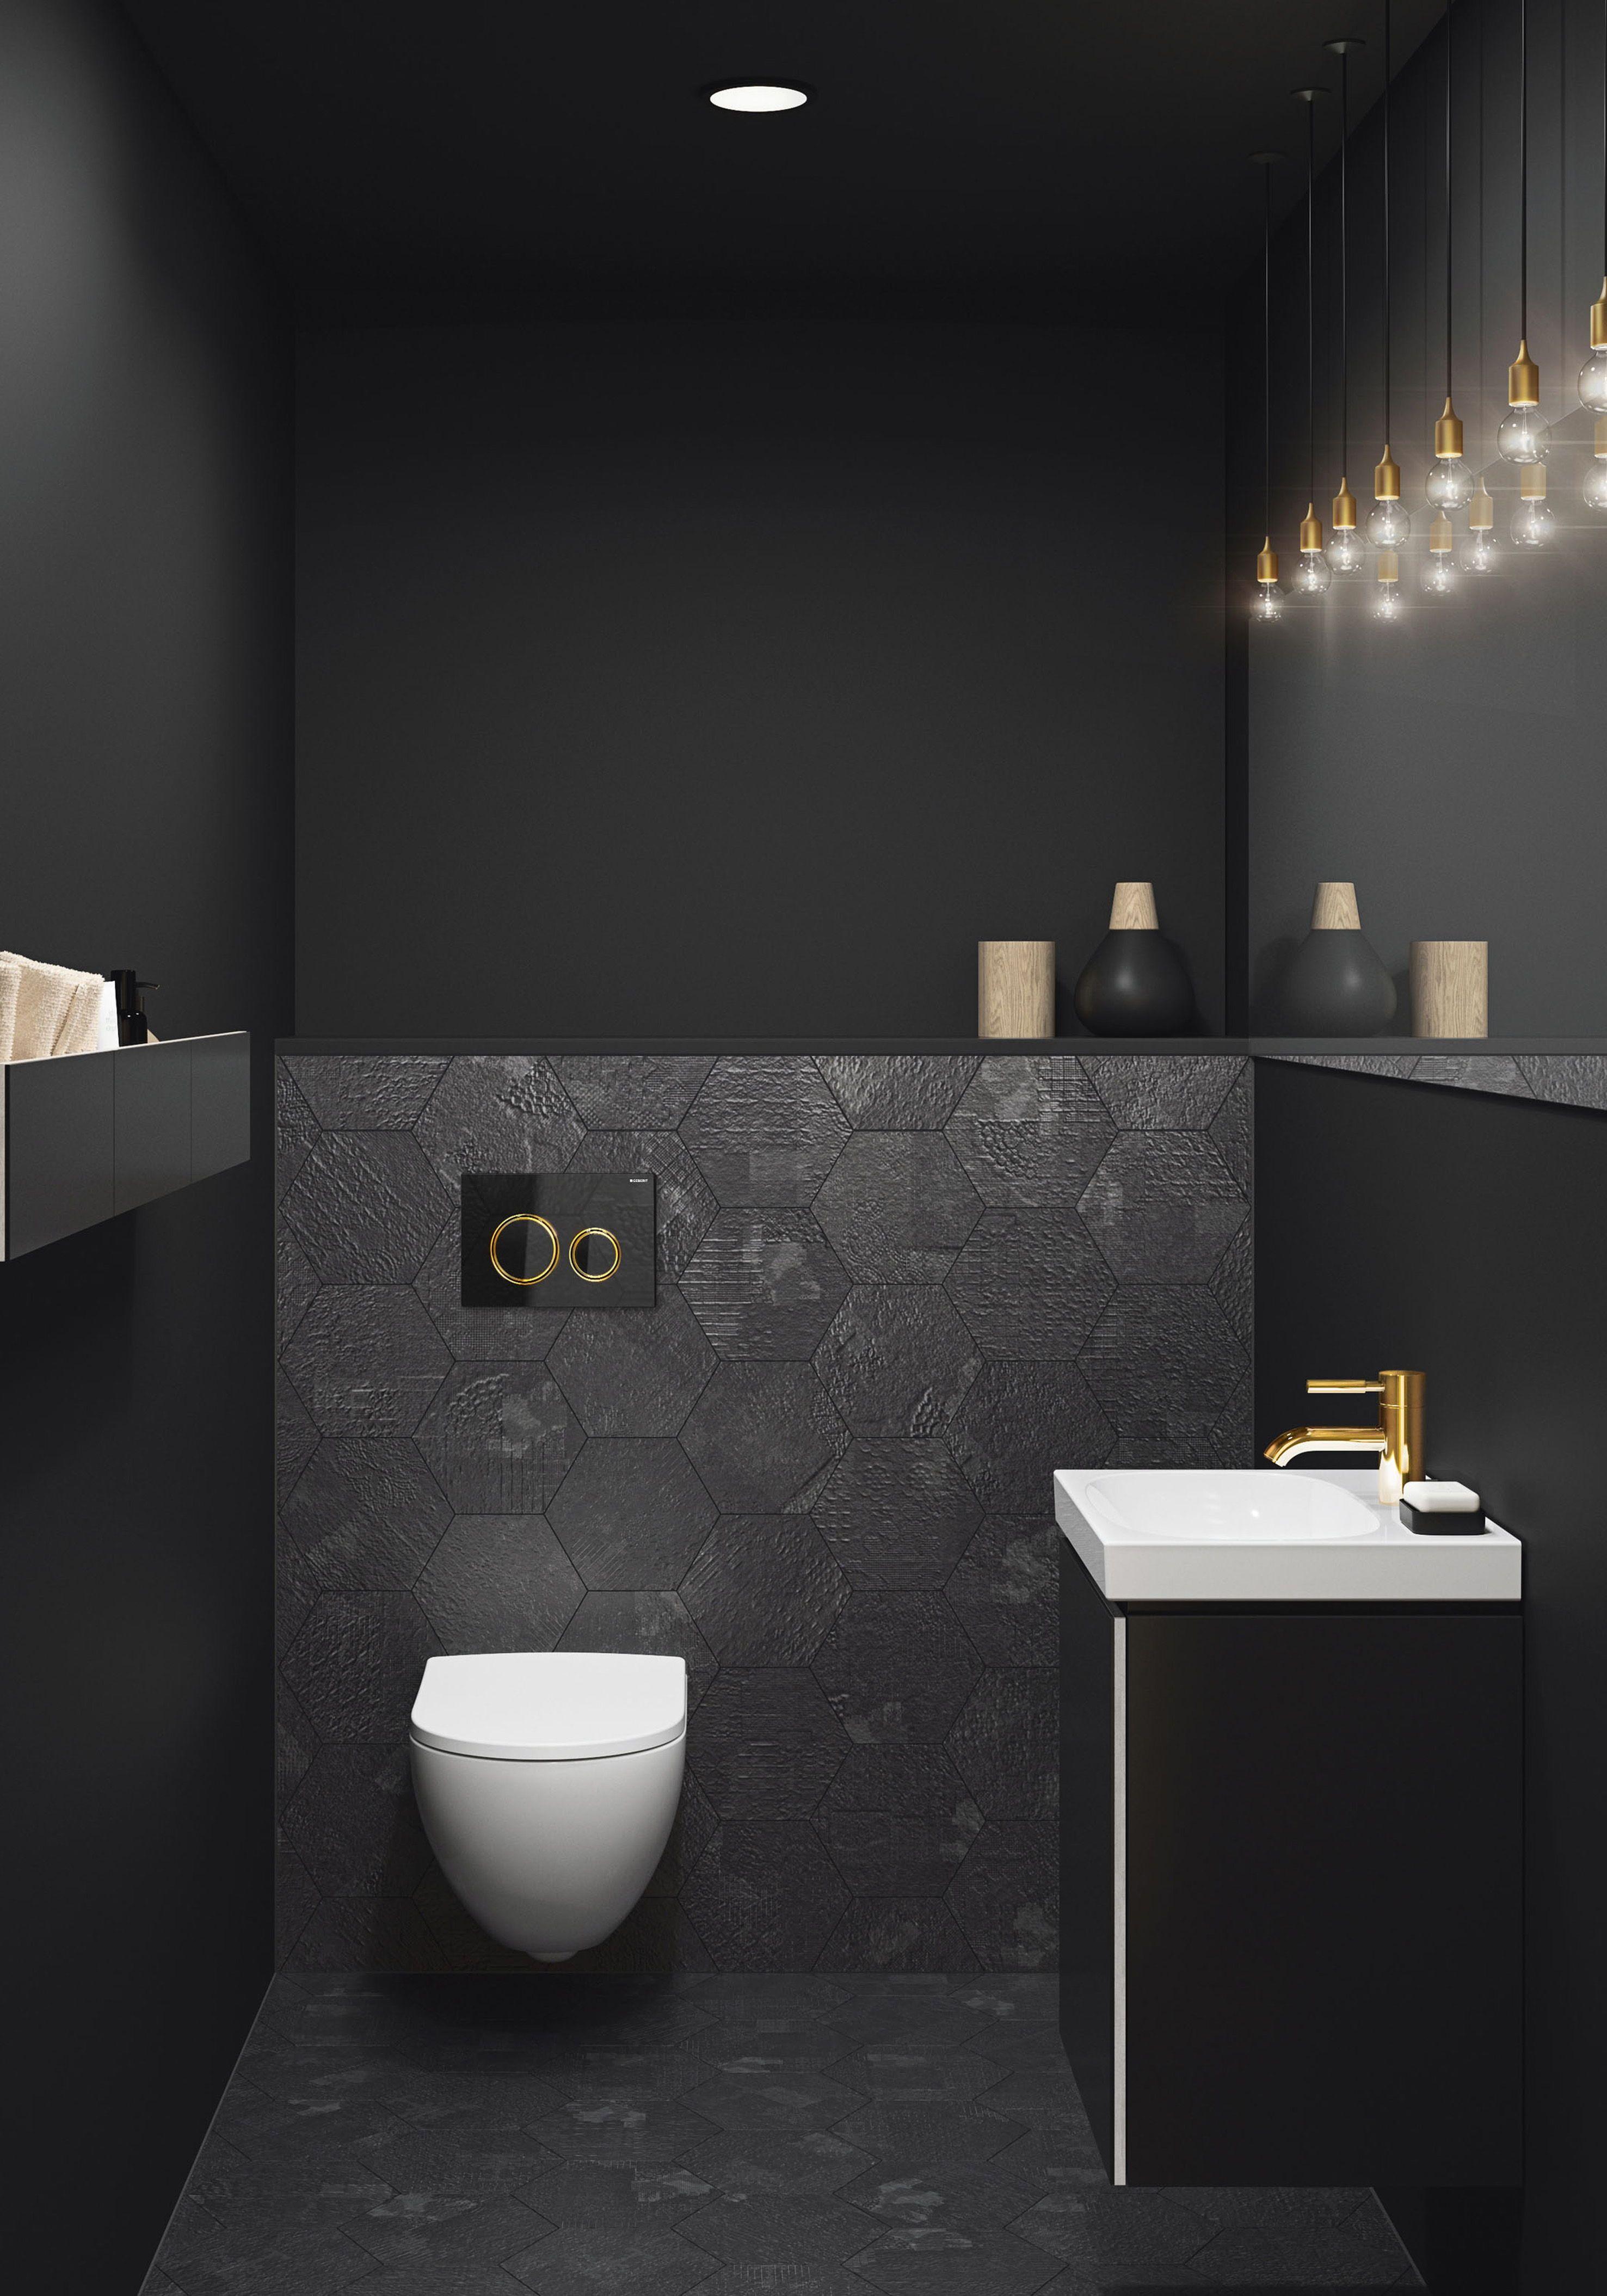 Finde Jetzt Dein Traumbad Wertvolle Tipps Von Der Planung Bis Zur Umsetzung In 2020 Wc Im Erdgeschoss Schwarzes Badezimmer Modernes Badezimmerdesign